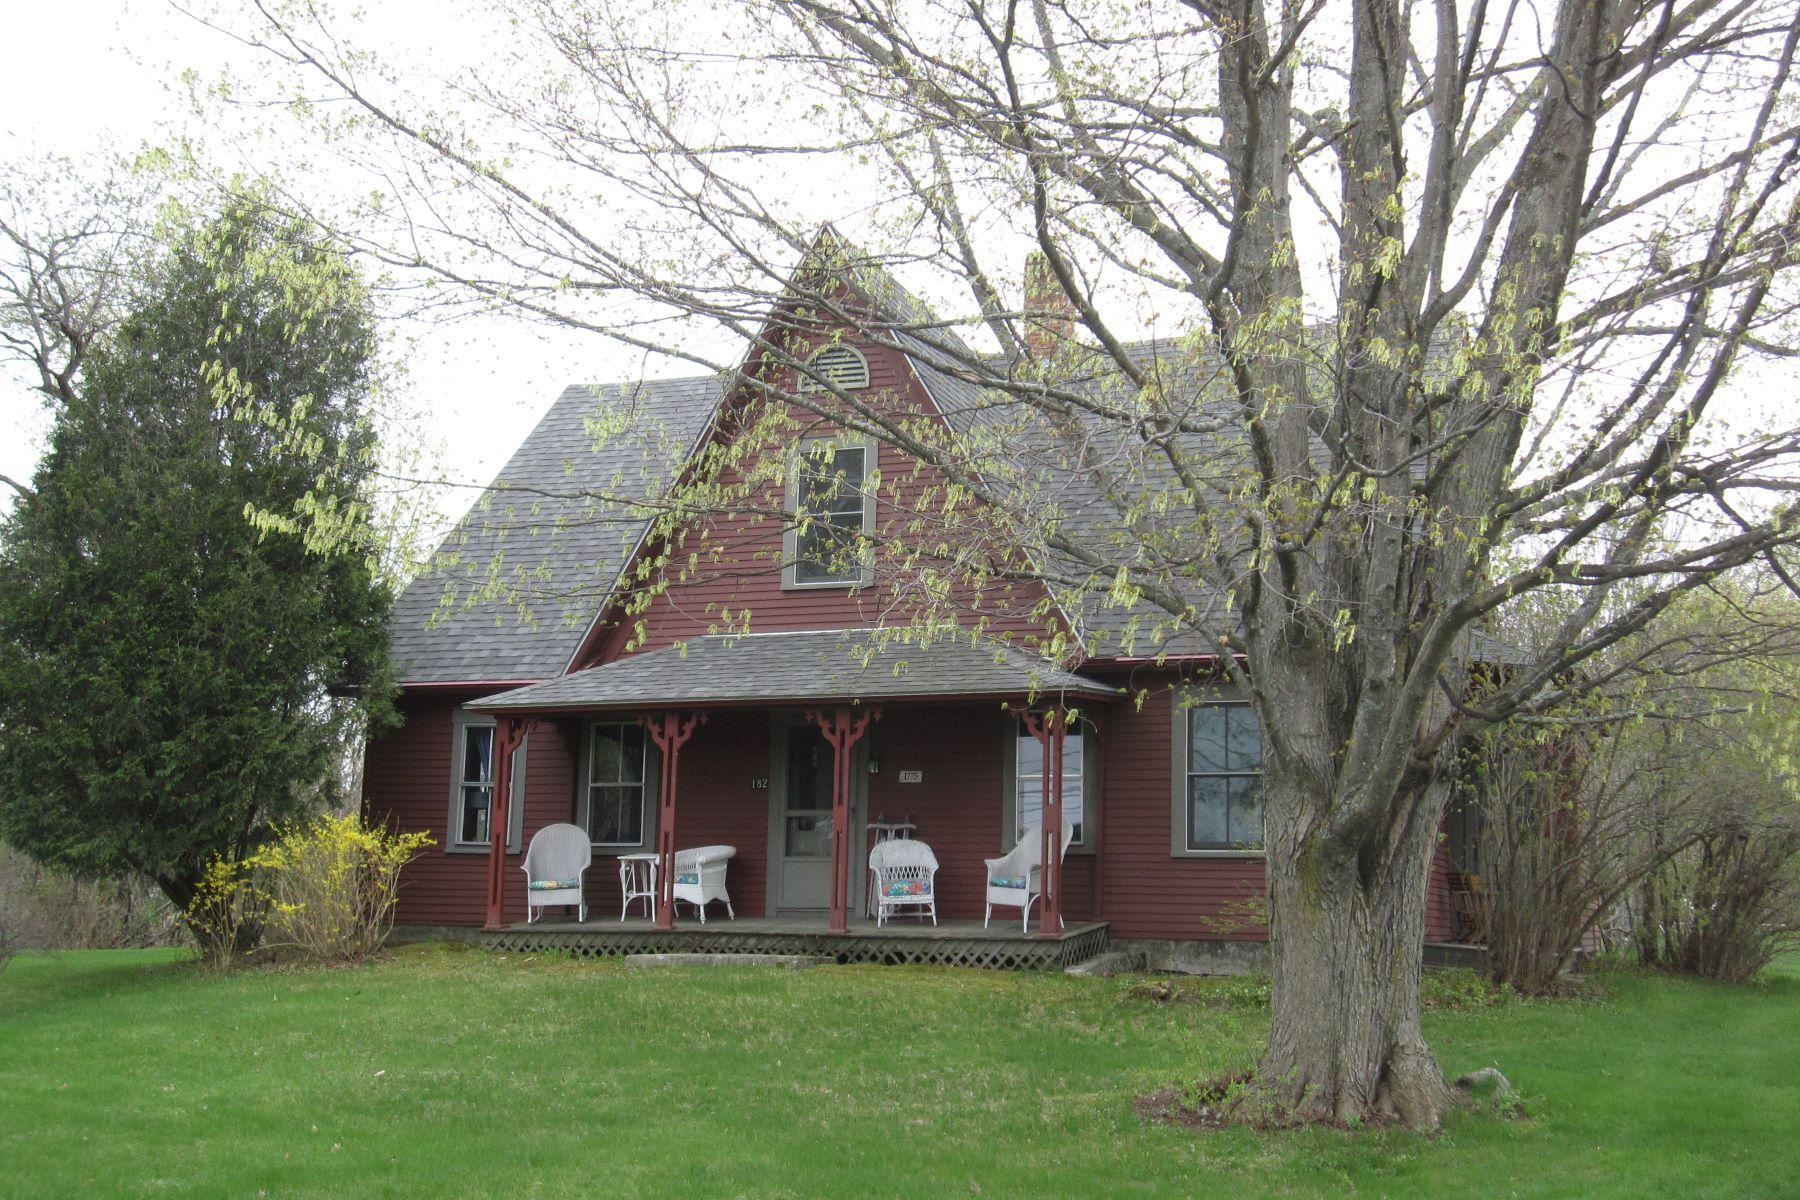 Casa Unifamiliar por un Venta en 182 Dartmouth College Hwy, Haverhill Haverhill, Nueva Hampshire 03765 Estados Unidos